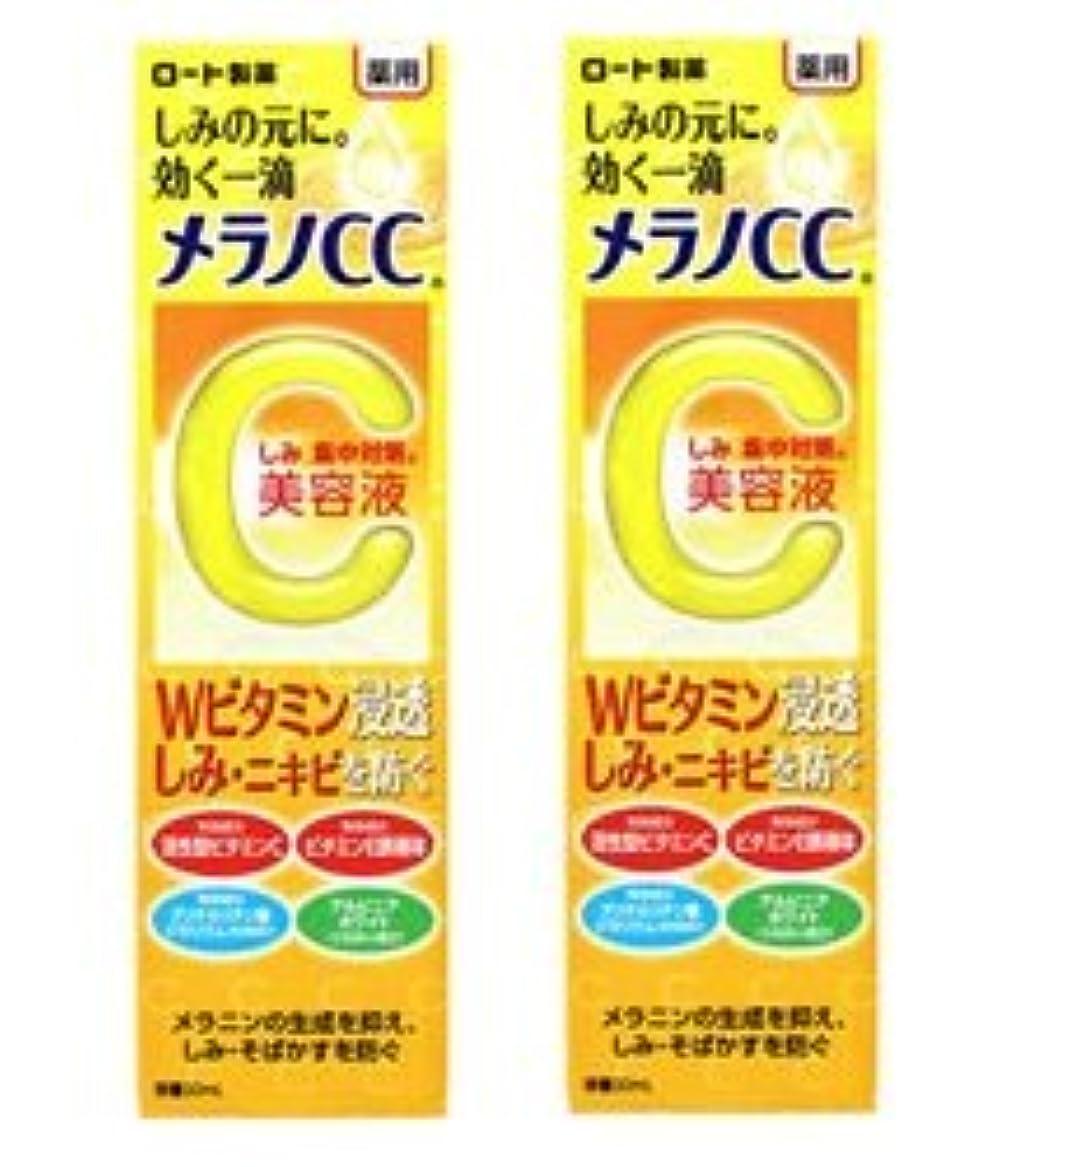 足瞑想する不純【2個セット】メラノCC 薬用しみ集中対策美容液 20ml